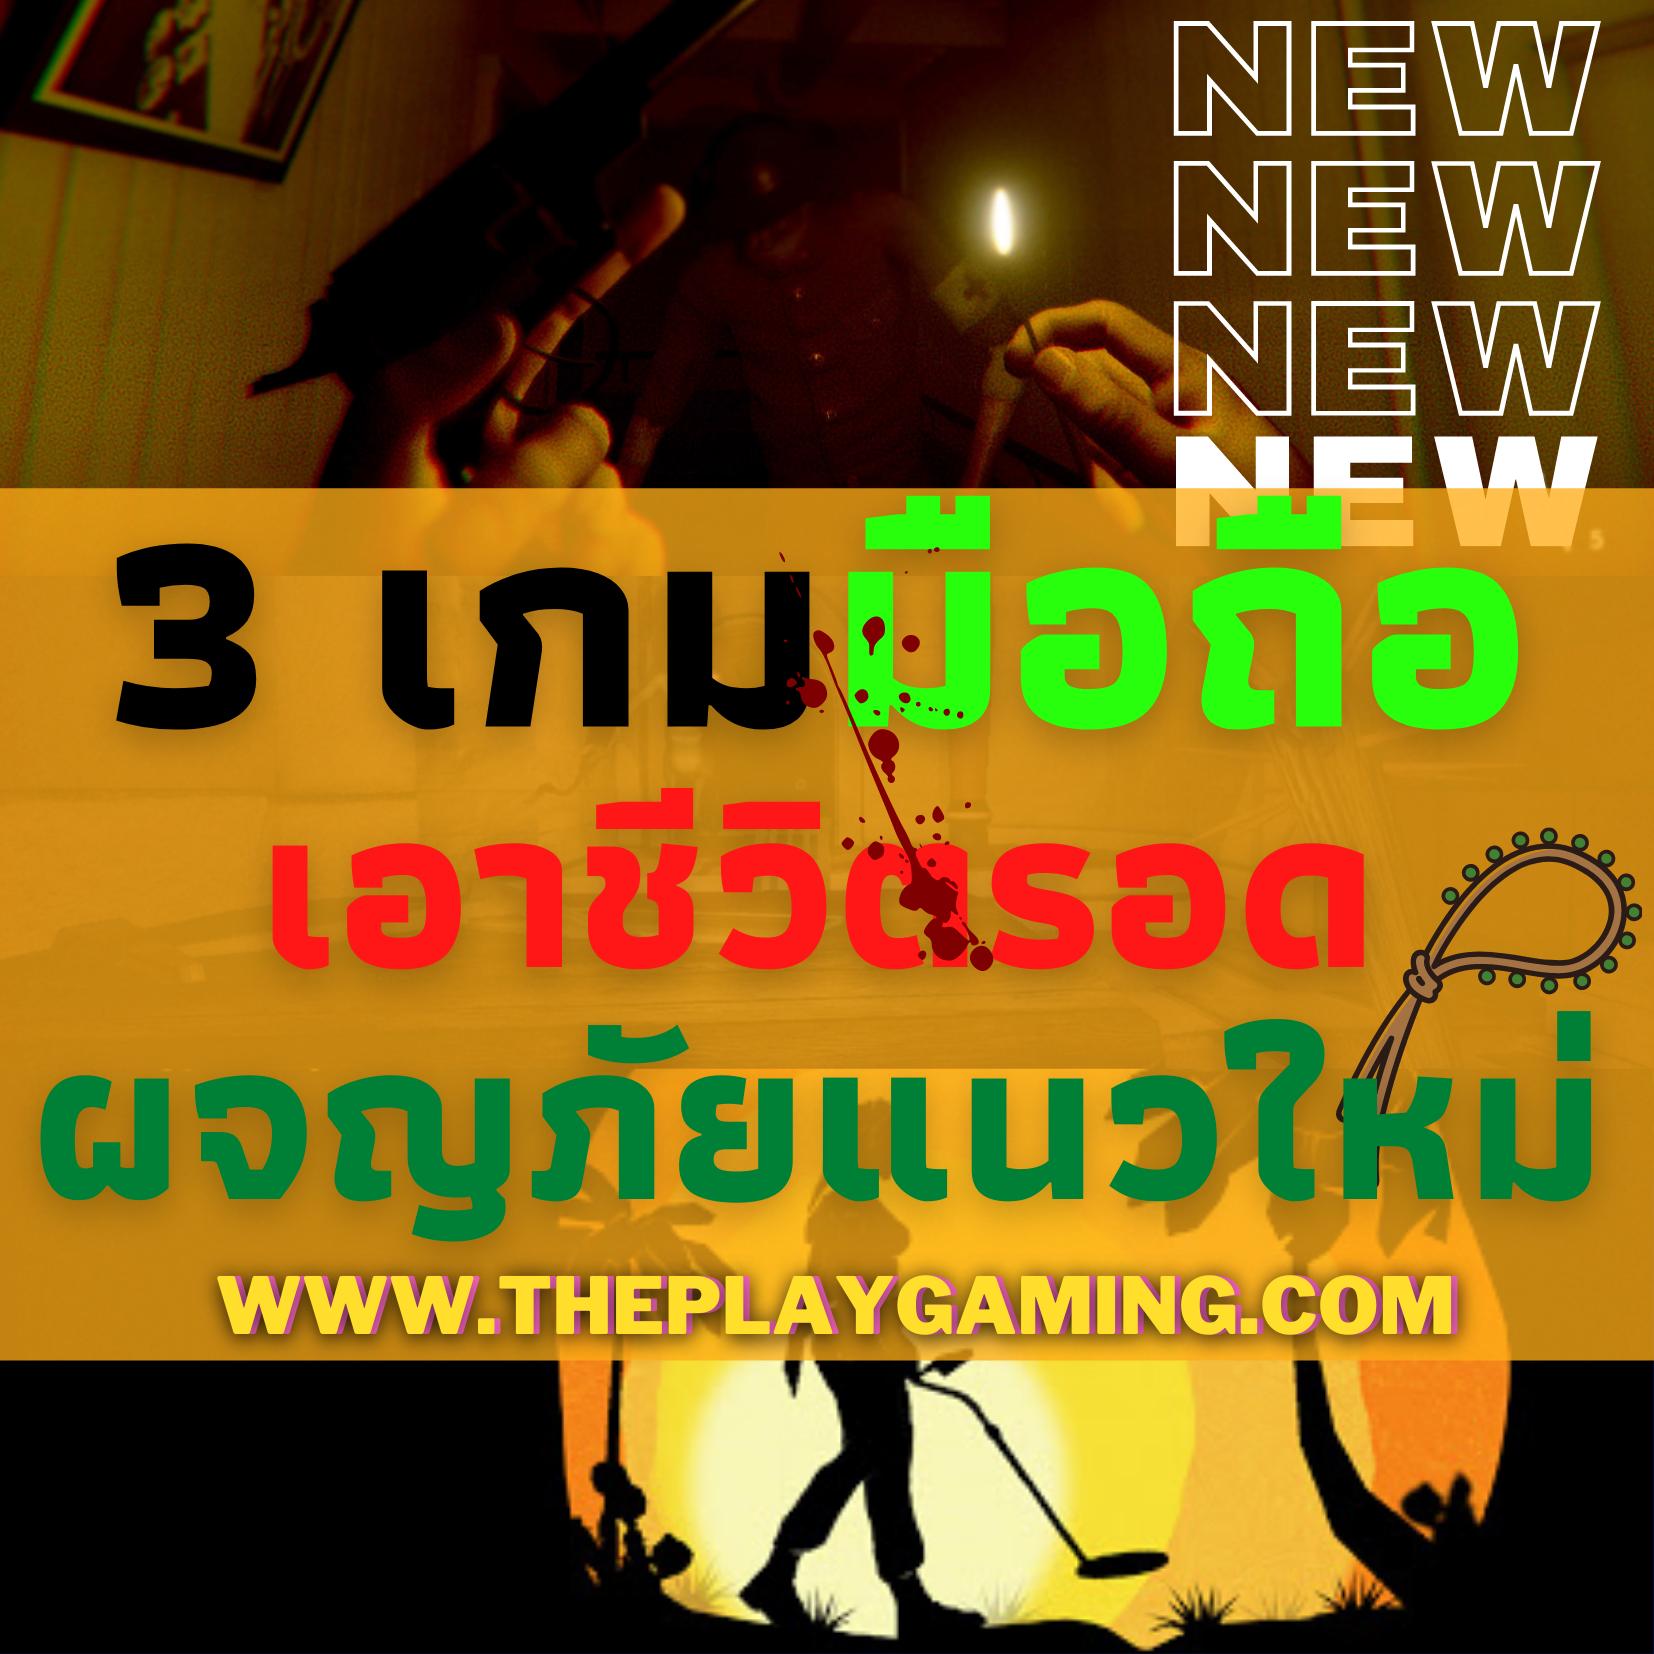 ปล่อยตัวเกมมาใหม่ ที่ทั้งน่าเล่น น่าลอง ภาพสวย และดูน่าสนุกเป็นอย่างมาก ออกมาอย่างมากมาย แจก 3 เกมมือถือน่าเล่นส่งท้ายปี 2020 Remove term: Gold Hunter Adventures Gold Hunter AdventuresRemove term: Under: Depths of Fear Under: Depths of FearRemove term: Fruit Ninja 2 Fruit Ninja 2Remove term: เกมมือถือ2020ภาพสวย เกมมือถือ2020ภาพสวยRemove term: เกมมือถือOpenWold2020 เกมมือถือOpenWold2020Remove term: เกมมือถือเอาชีวิตรอด เกมมือถือเอาชีวิตรอดRemove term: เกมมือถือผจญภัย2020 เกมมือถือผจญภัย2020